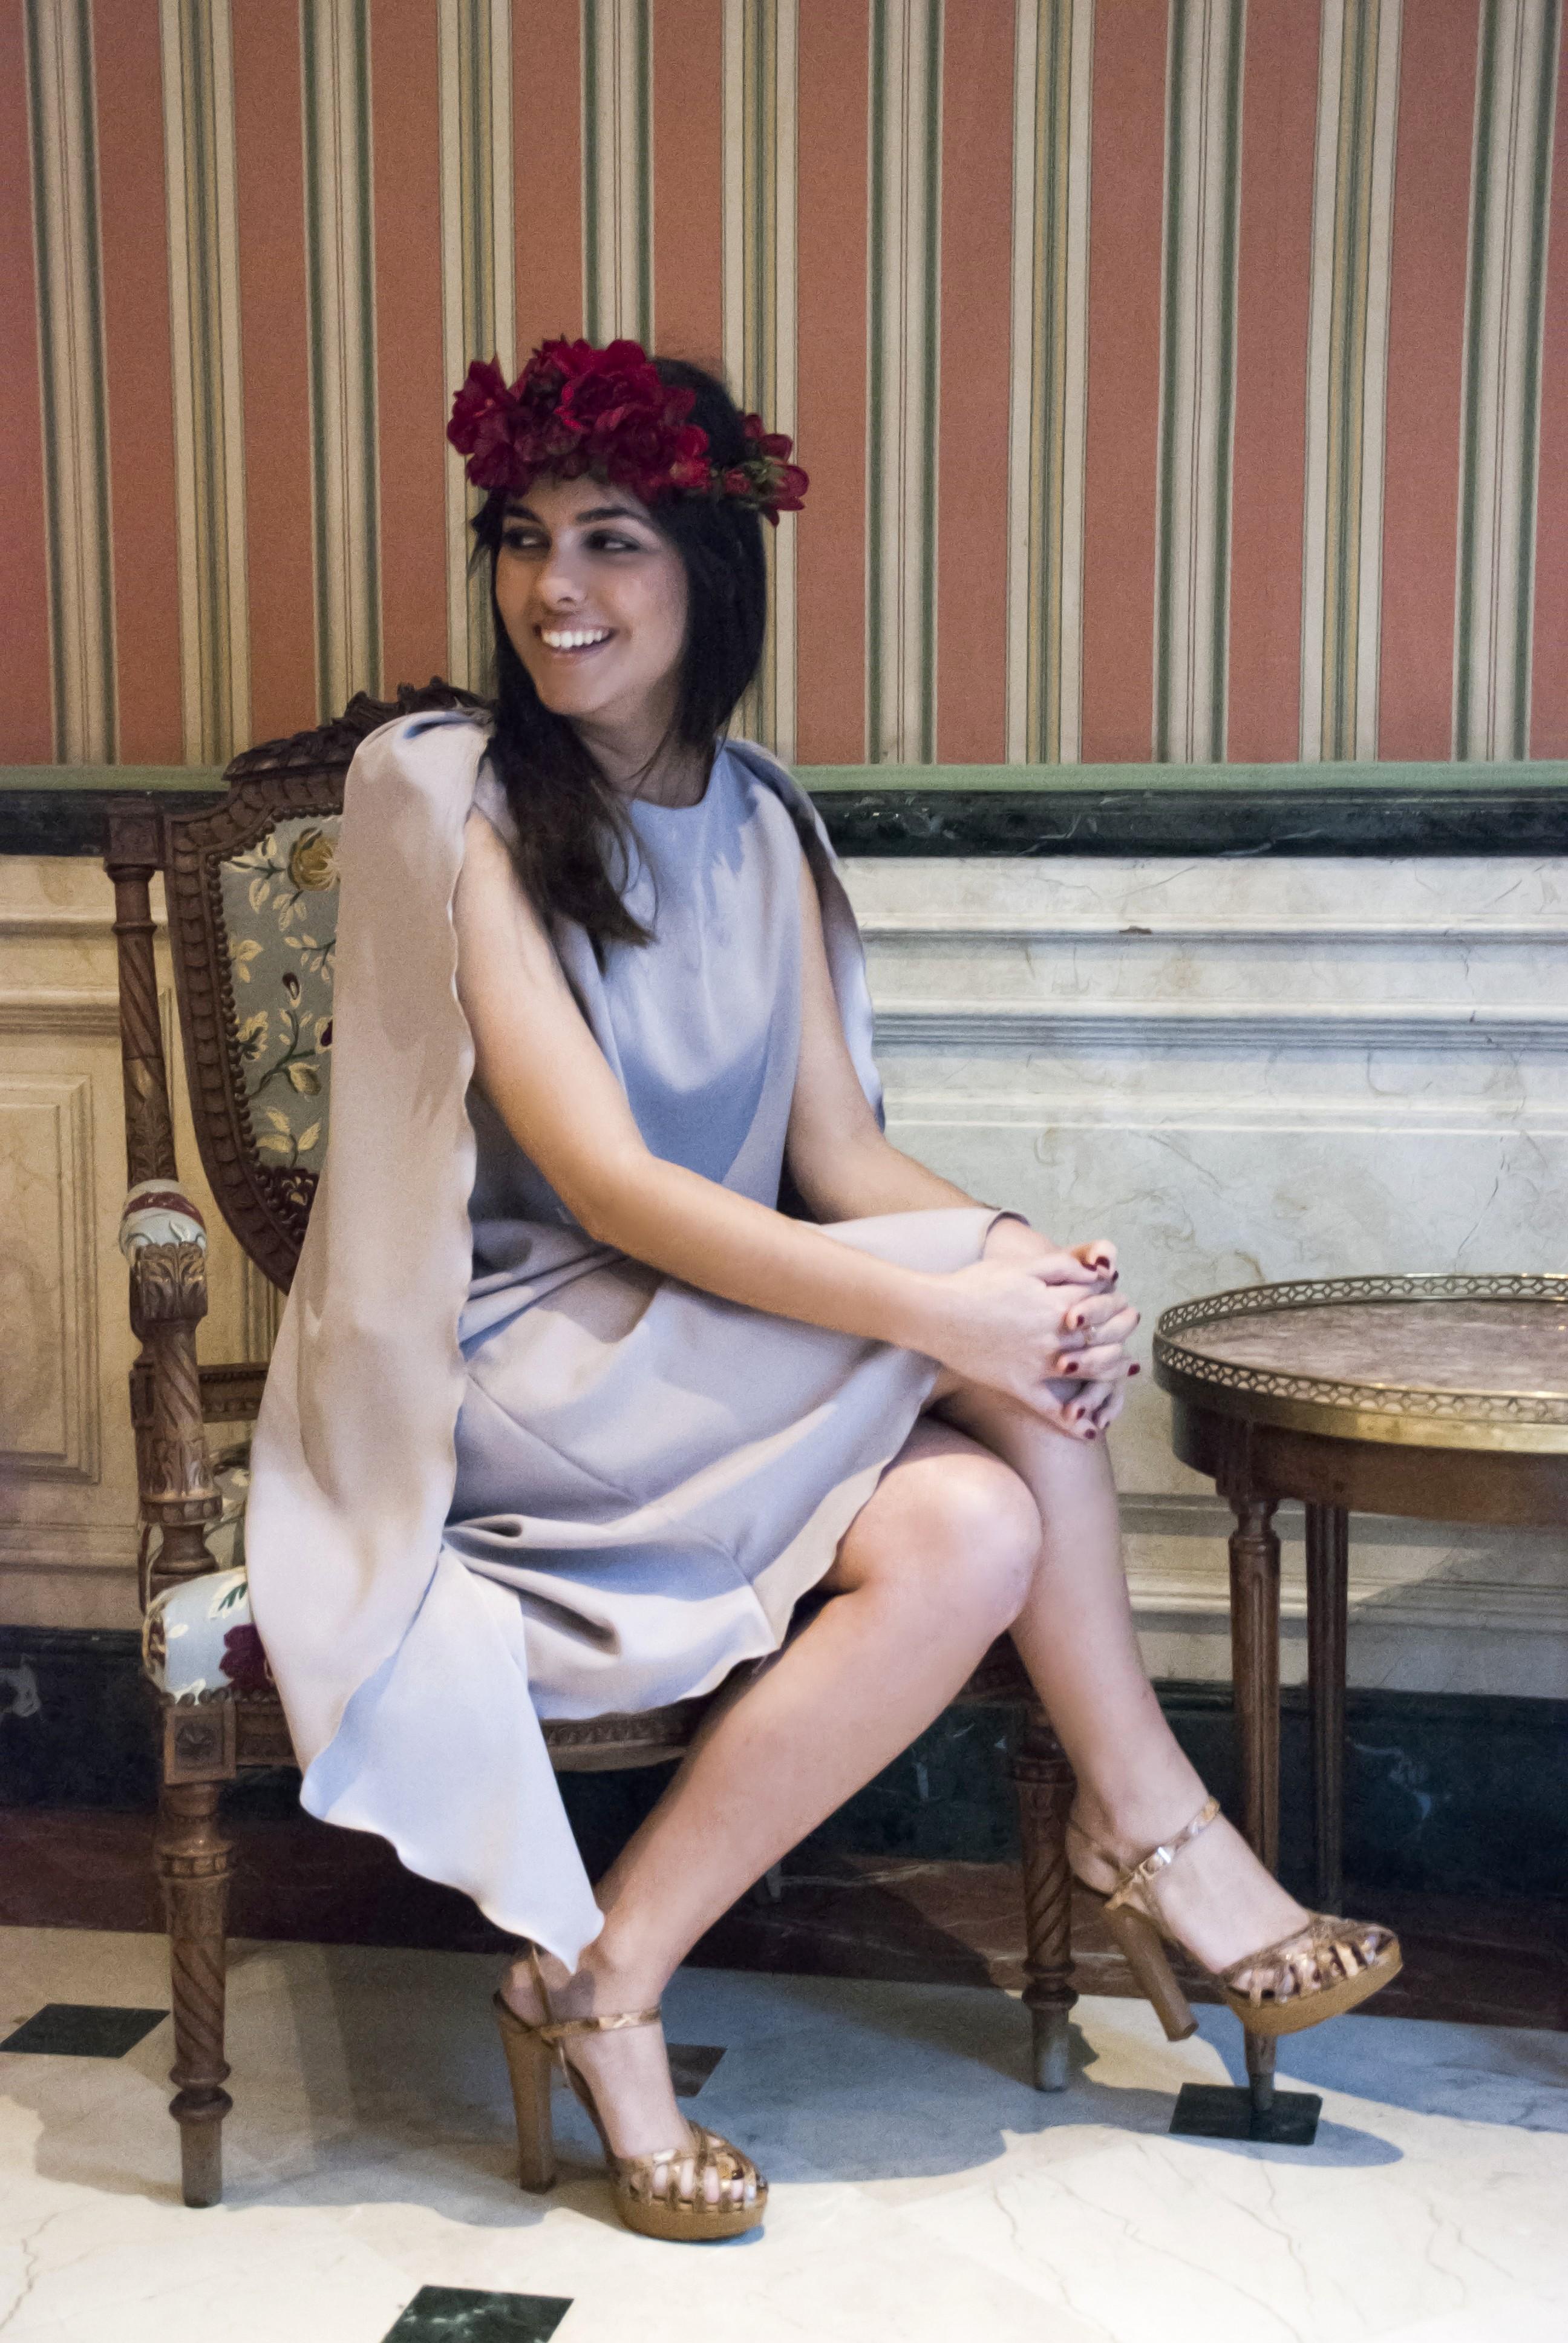 coussin bliss vestidos para invitadas de boda